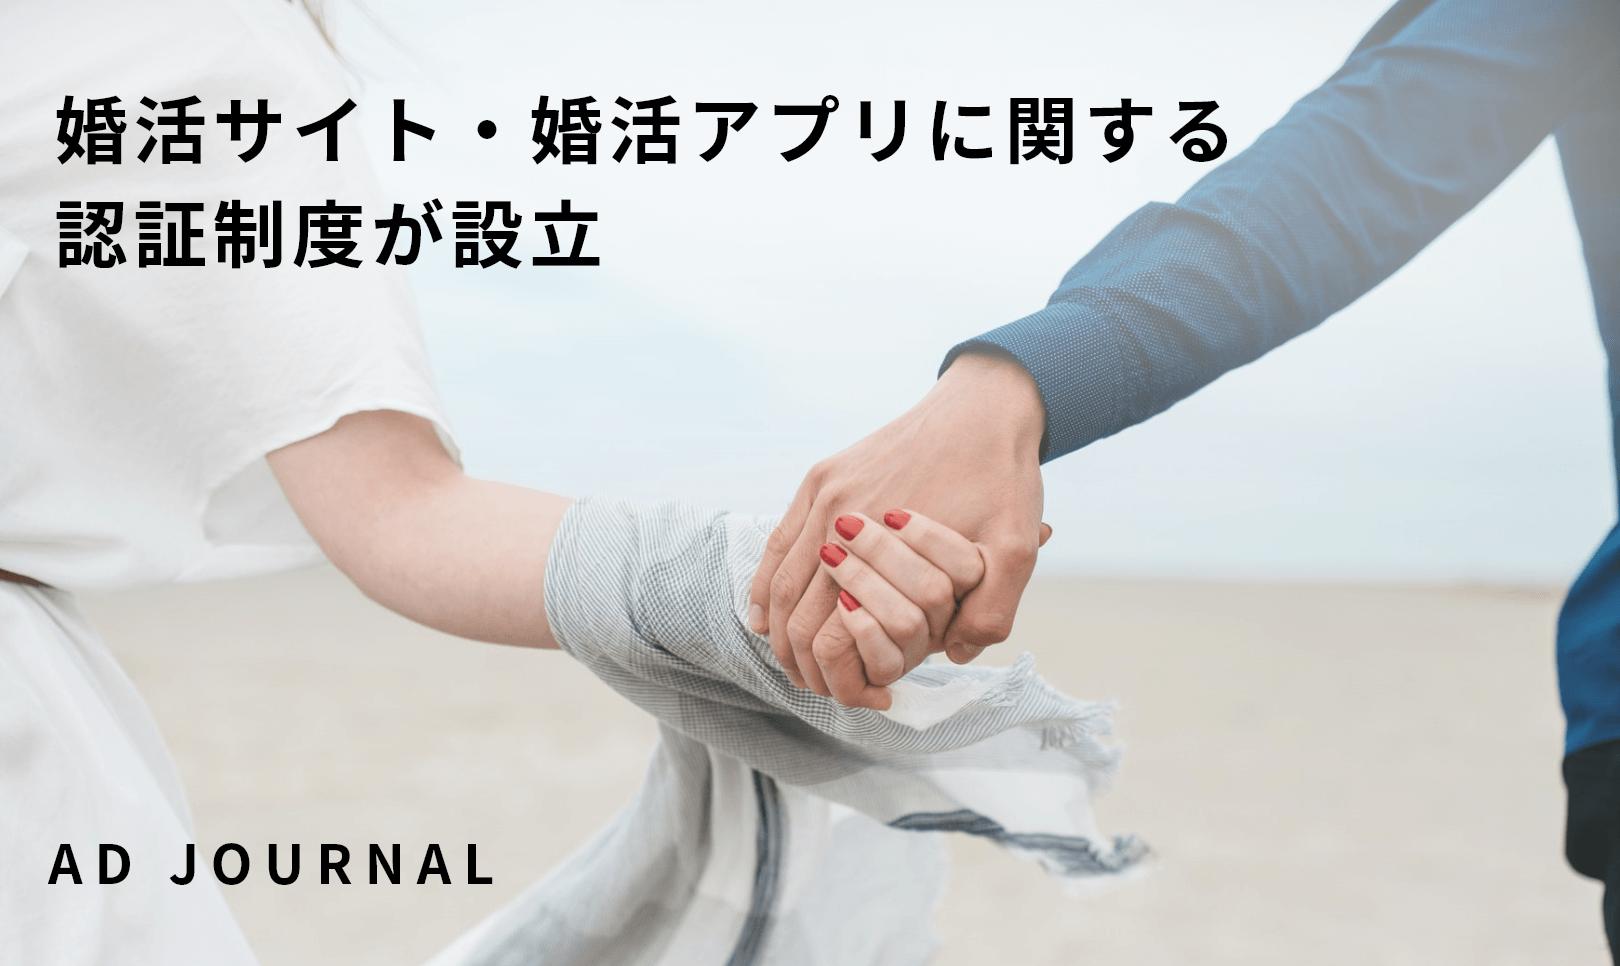 婚活サイト・婚活アプリに関する認証制度が設立